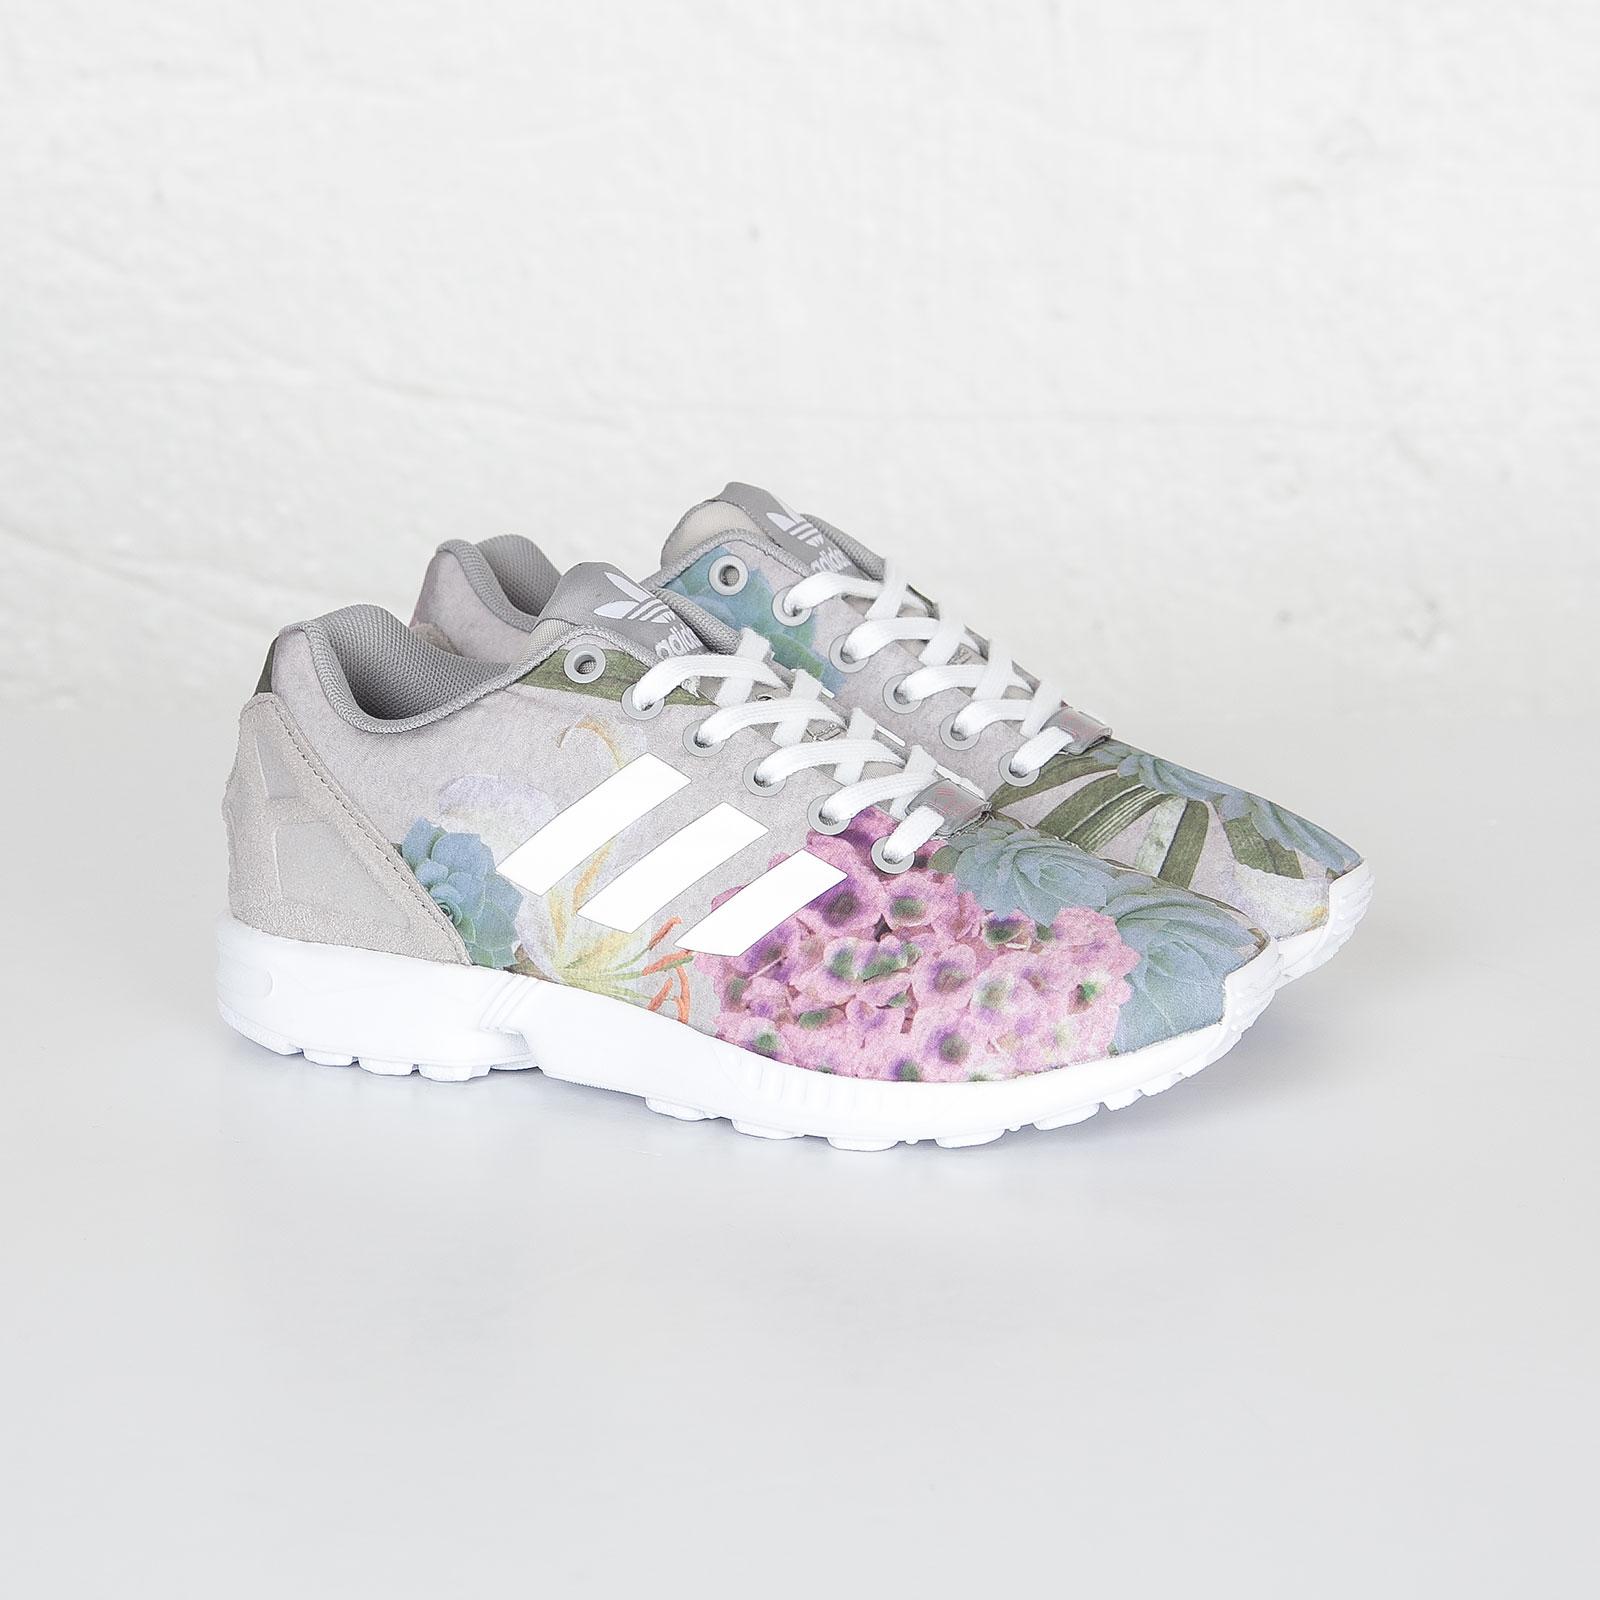 3e561899c adidas ZX Flux W - Aq3067 - Sneakersnstuff